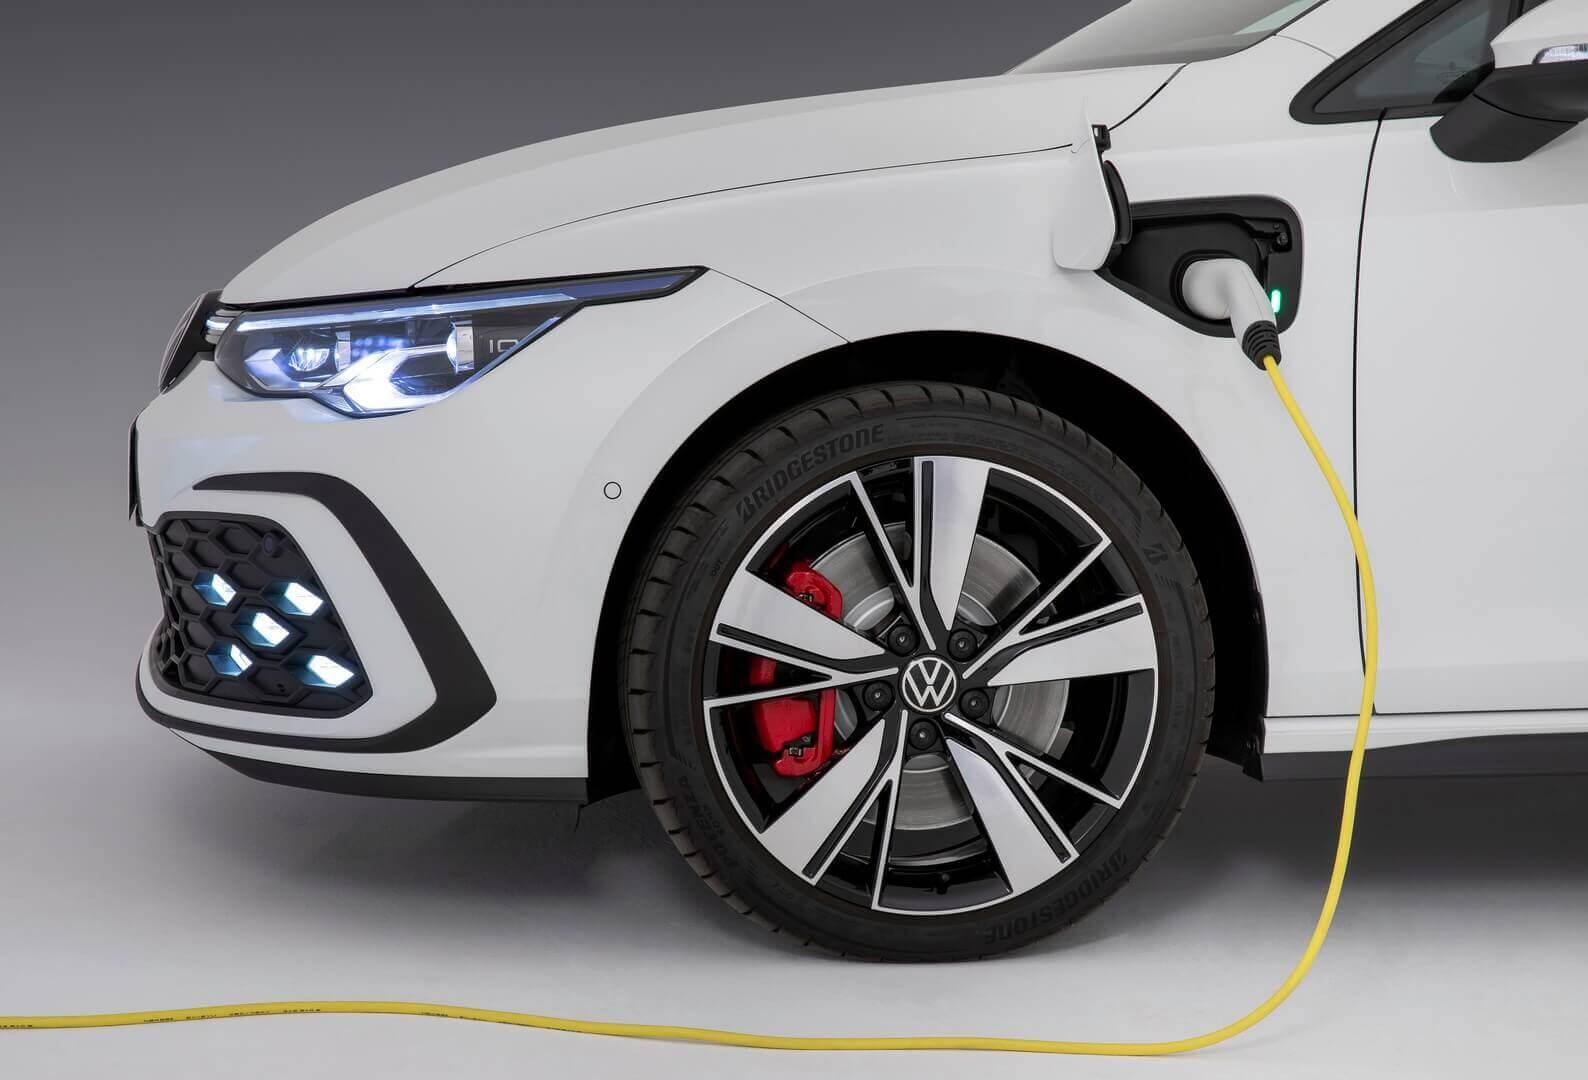 Порт зарядки на переднем левом крыле VW Golf GTE 2020